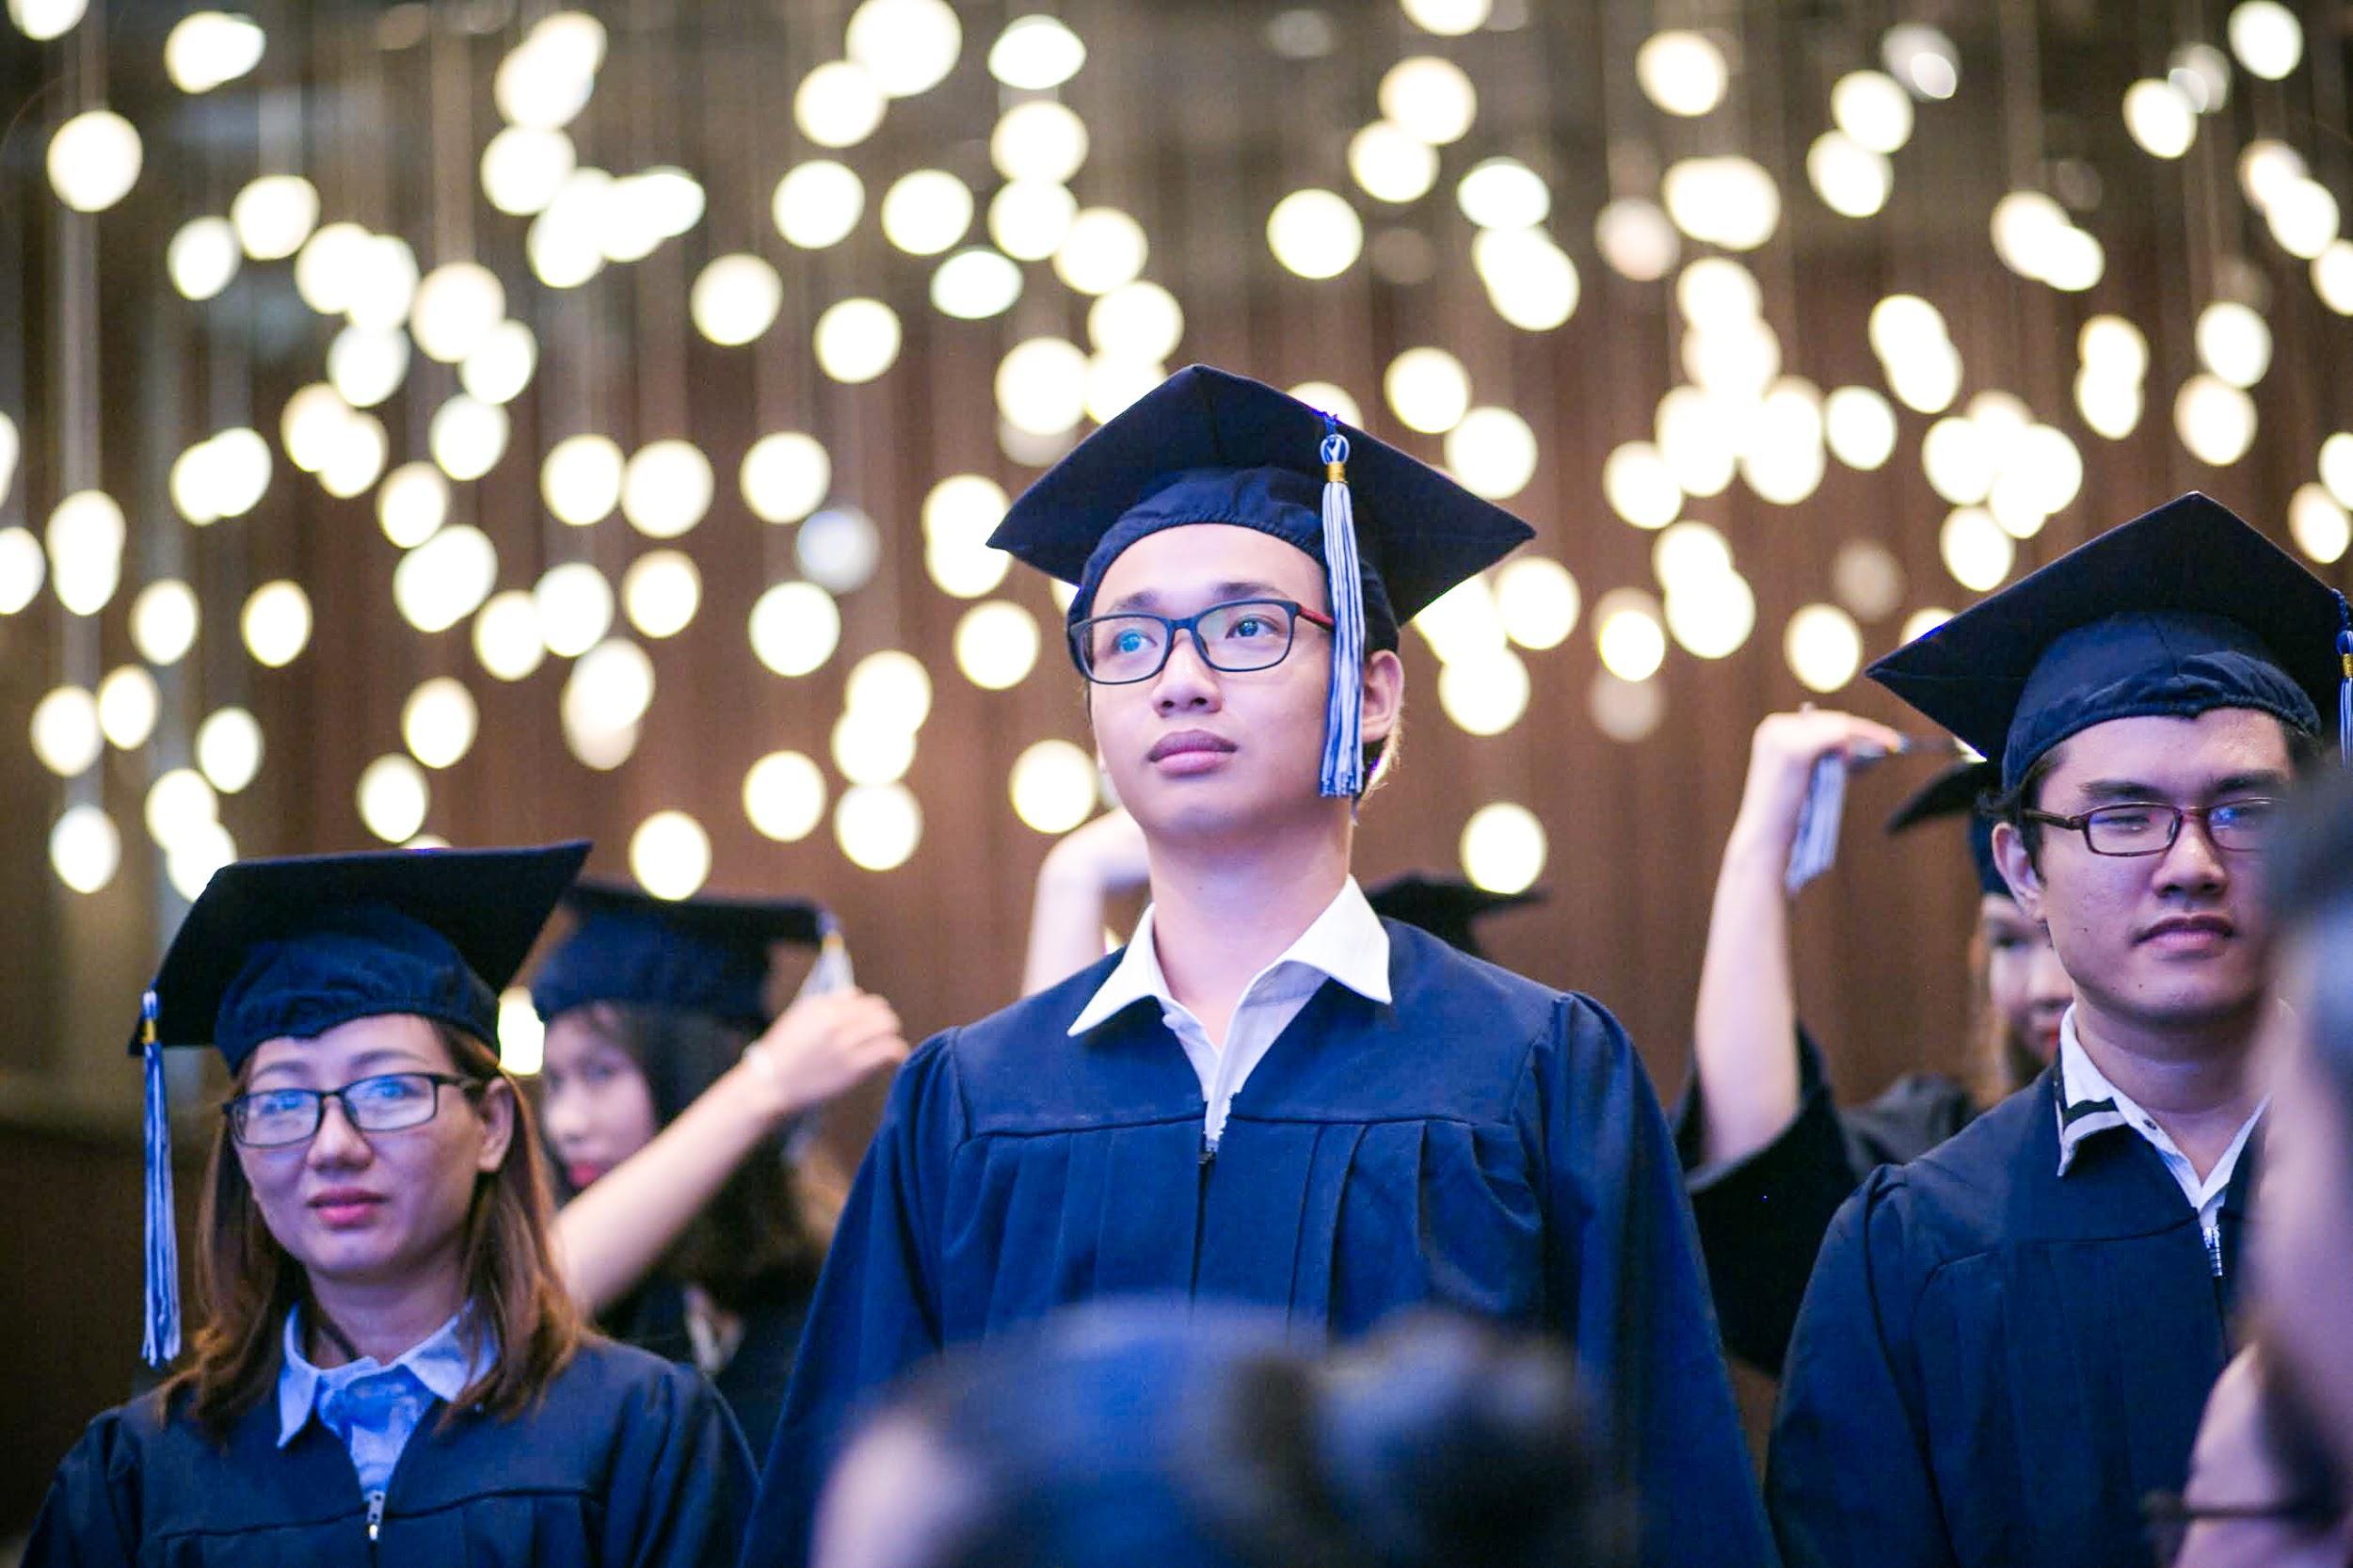 Sự khởi đầu đầy hứng khởi tại Broward College Vietnam - Ảnh 4.